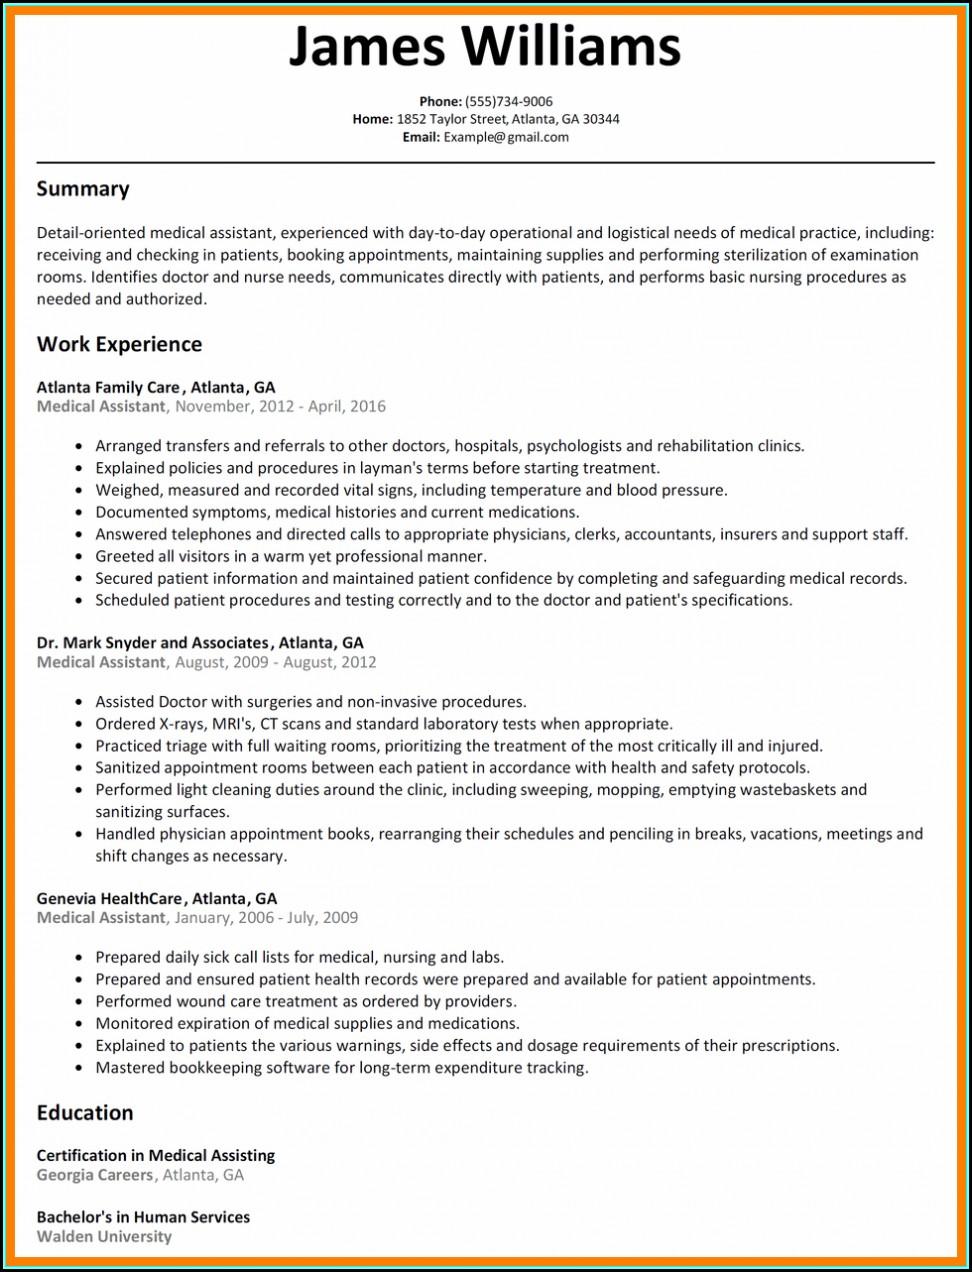 Sample Resume Objective For Nursing Assistant